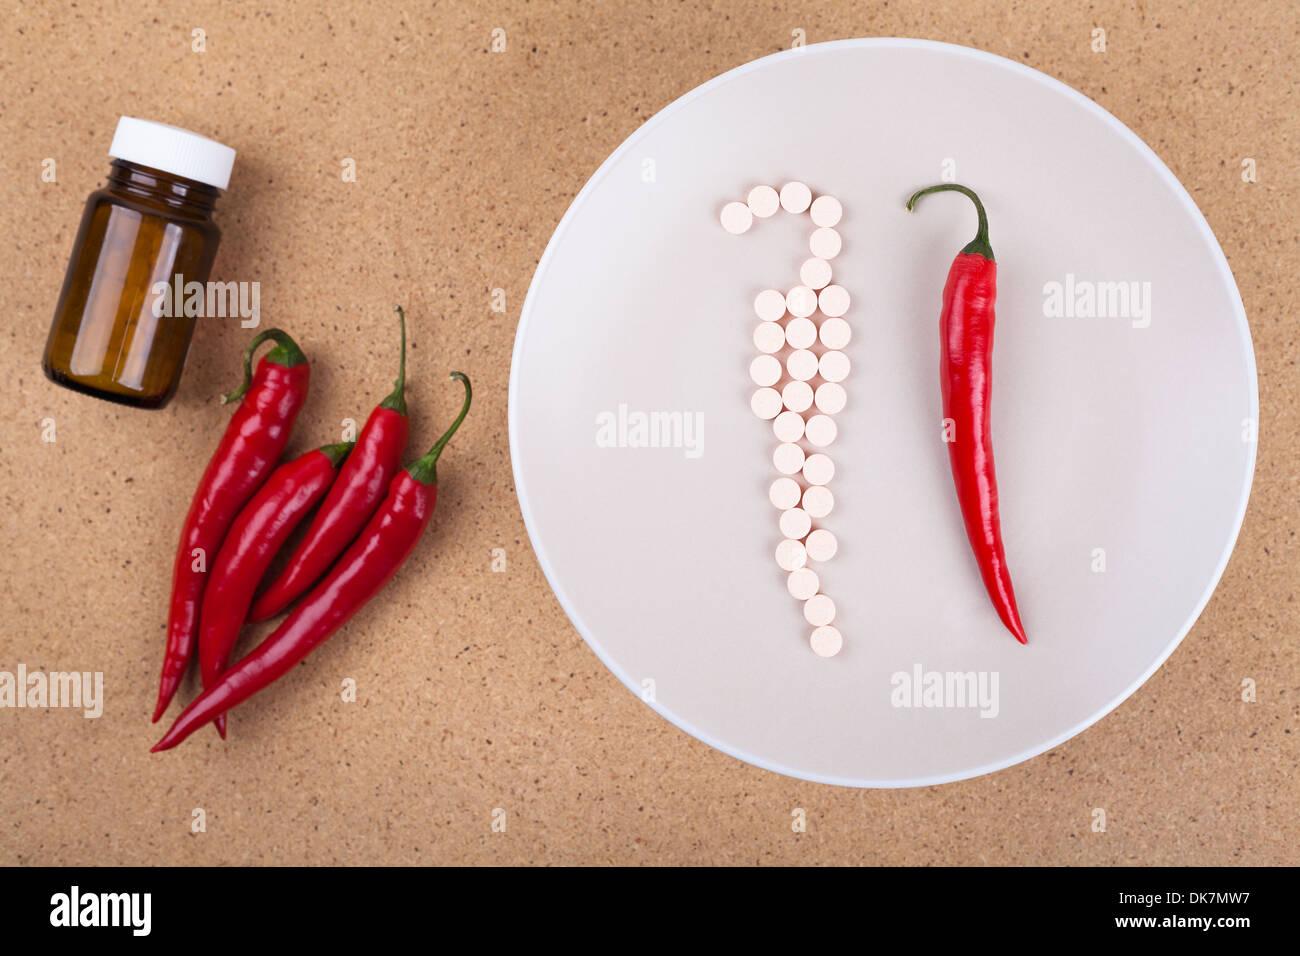 Gesunde Ernährung-Konzept. Rote Chilischoten als gute Quelle für Vitamine. Stockbild